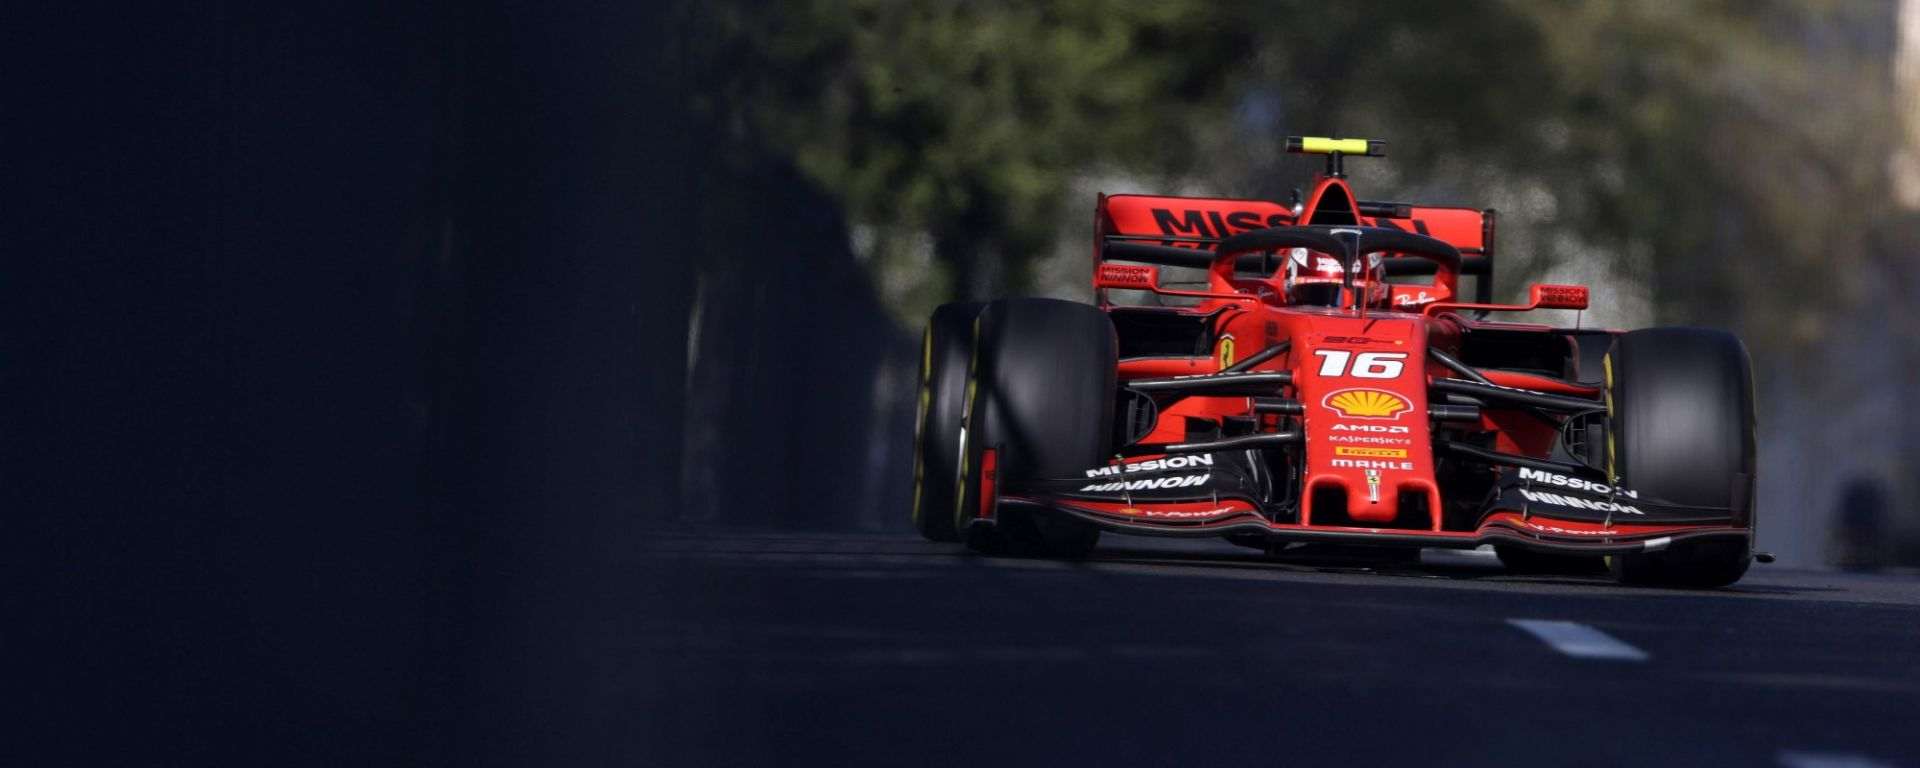 GP Azerbaijan 2019, Charles Leclerc (Ferrari)